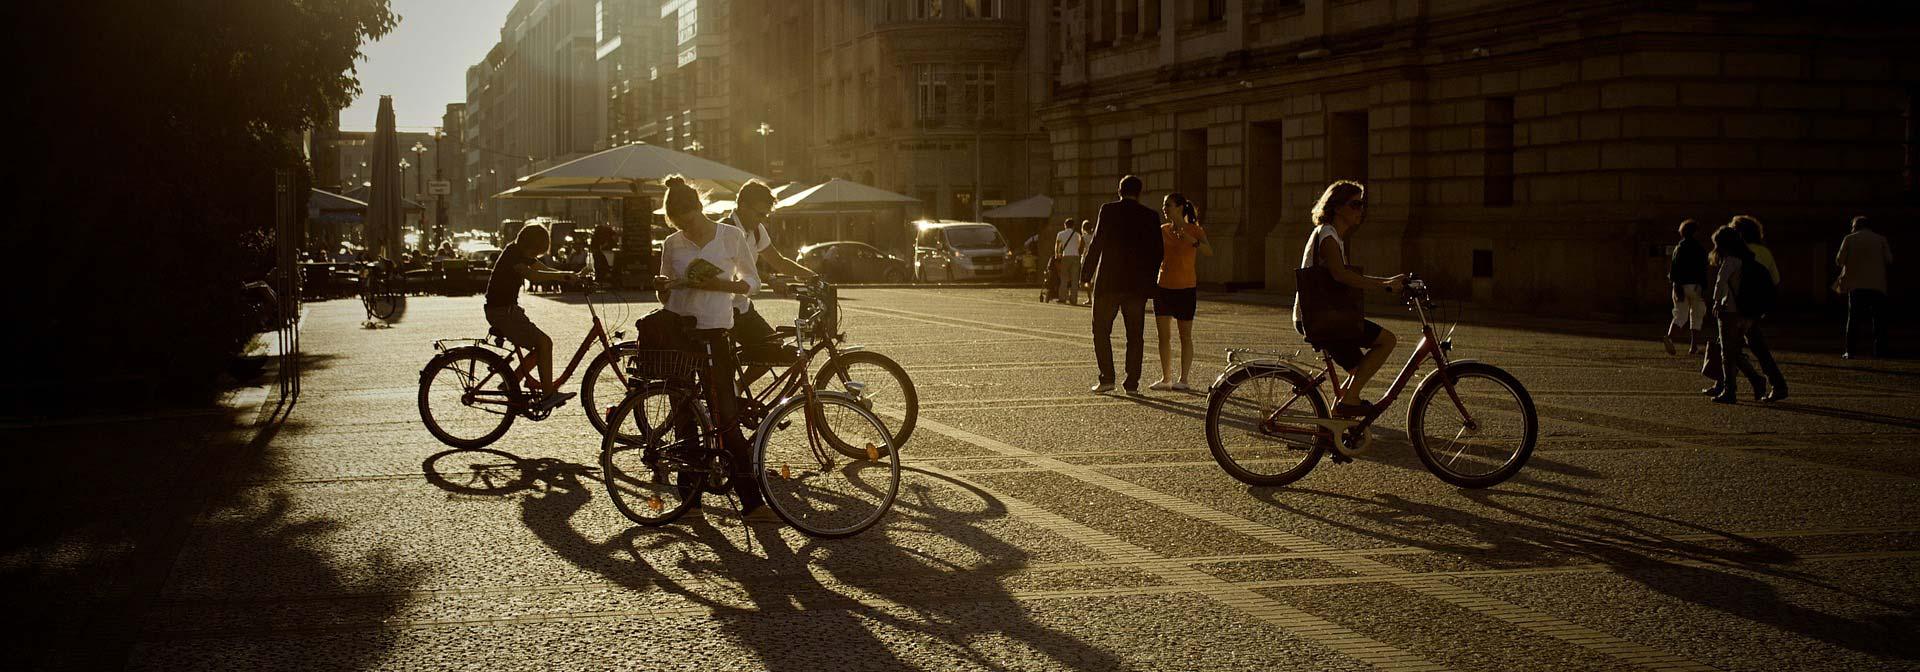 Cykla i stad